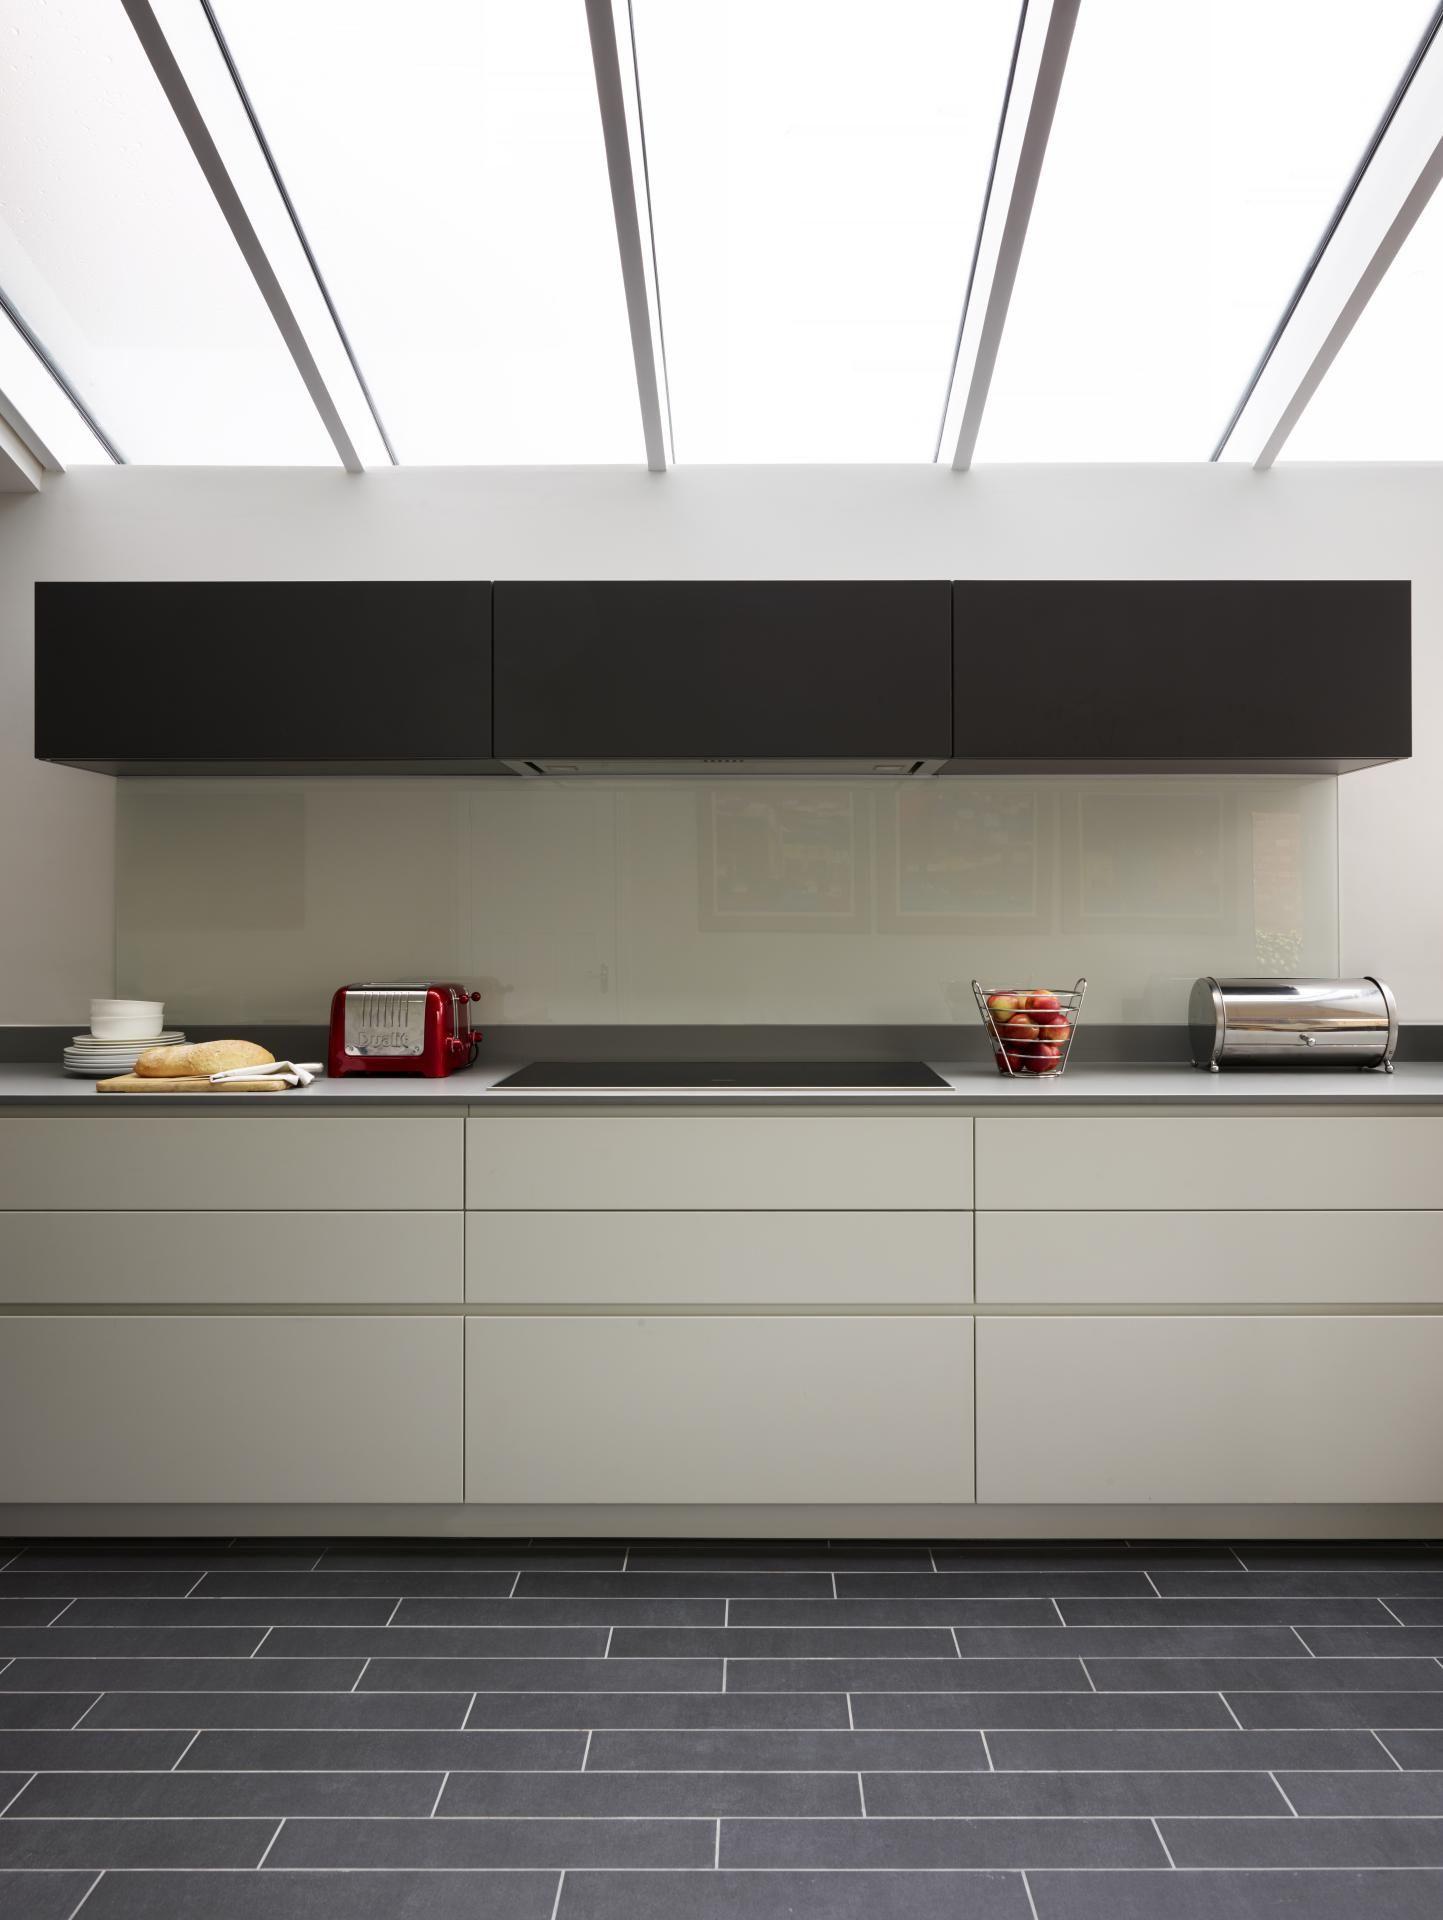 Großzügig Home Depot Küchenspüle Armaturen Fotos - Ideen Für Die ...